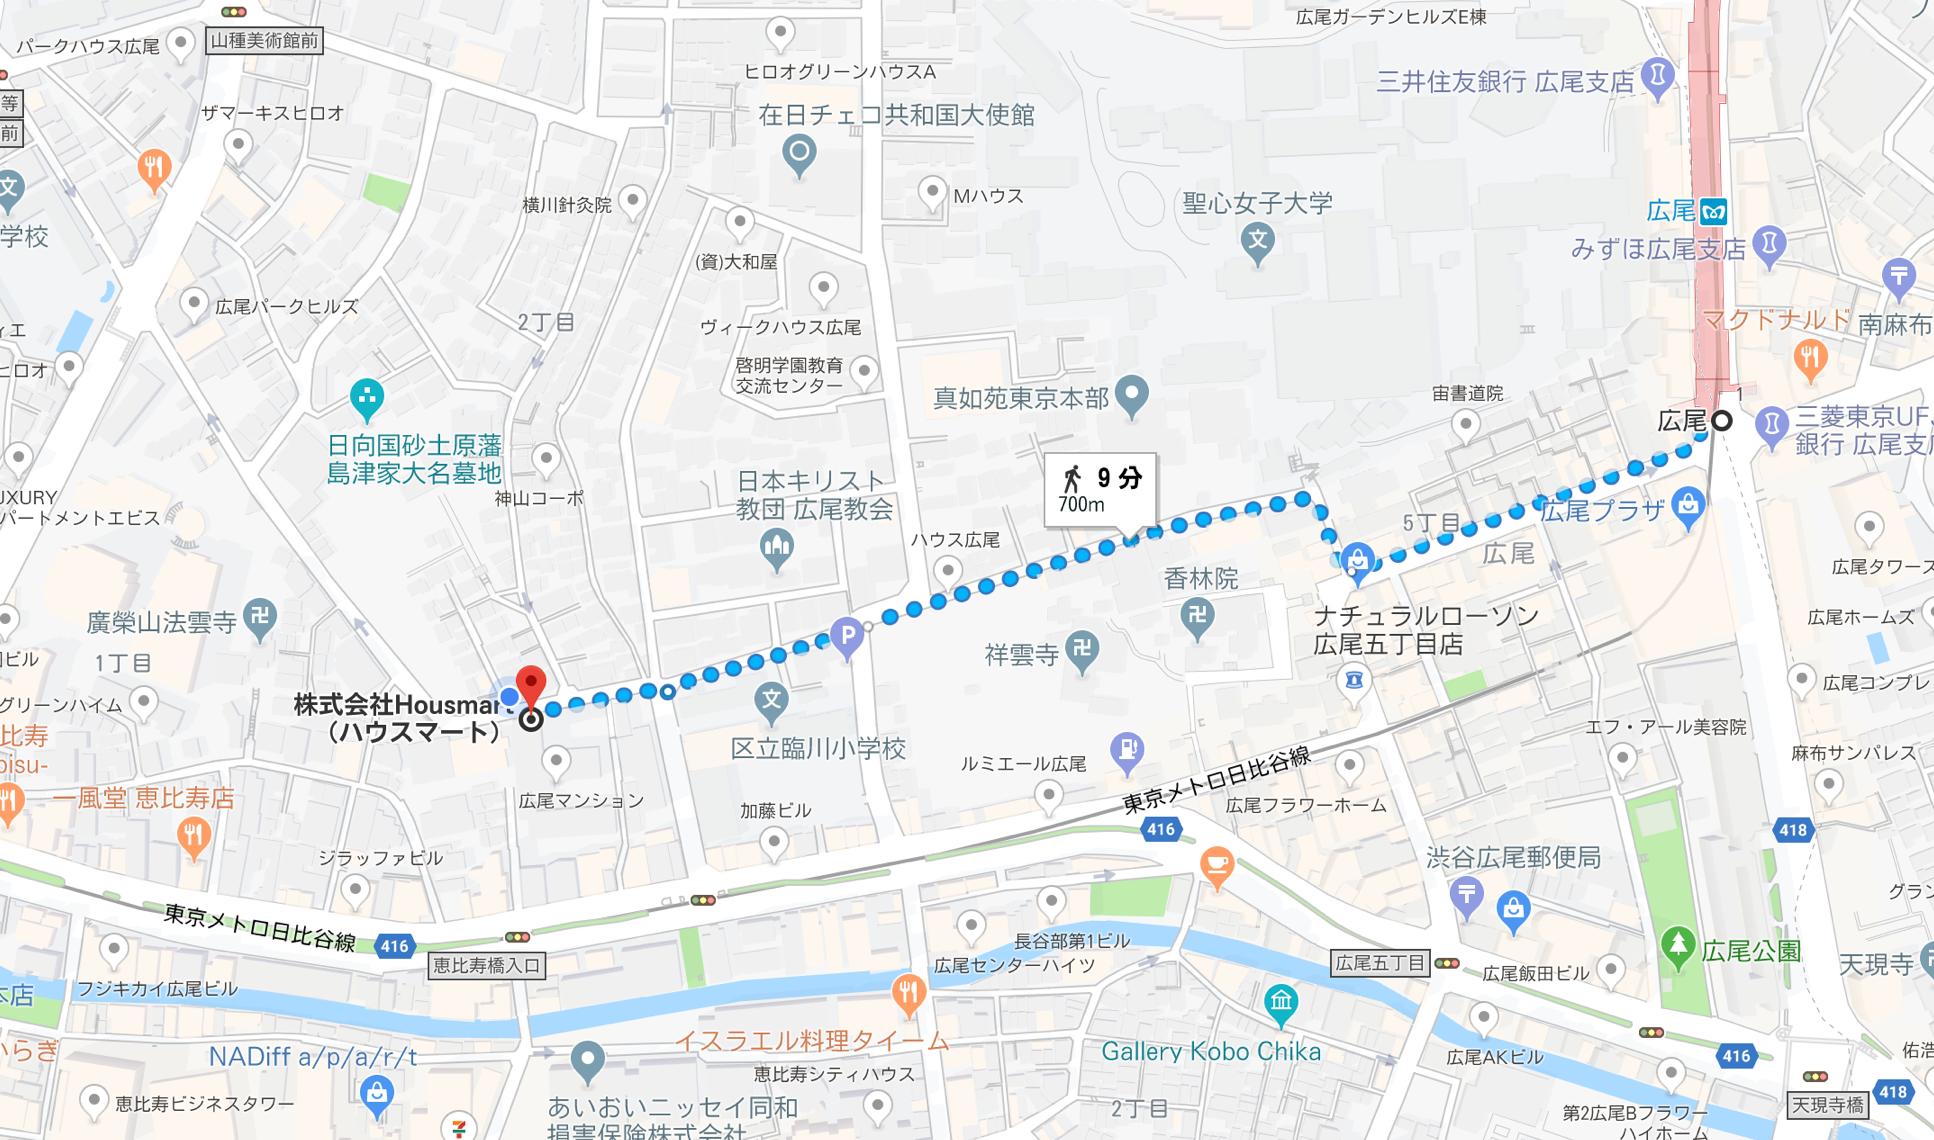 広尾駅からのルート